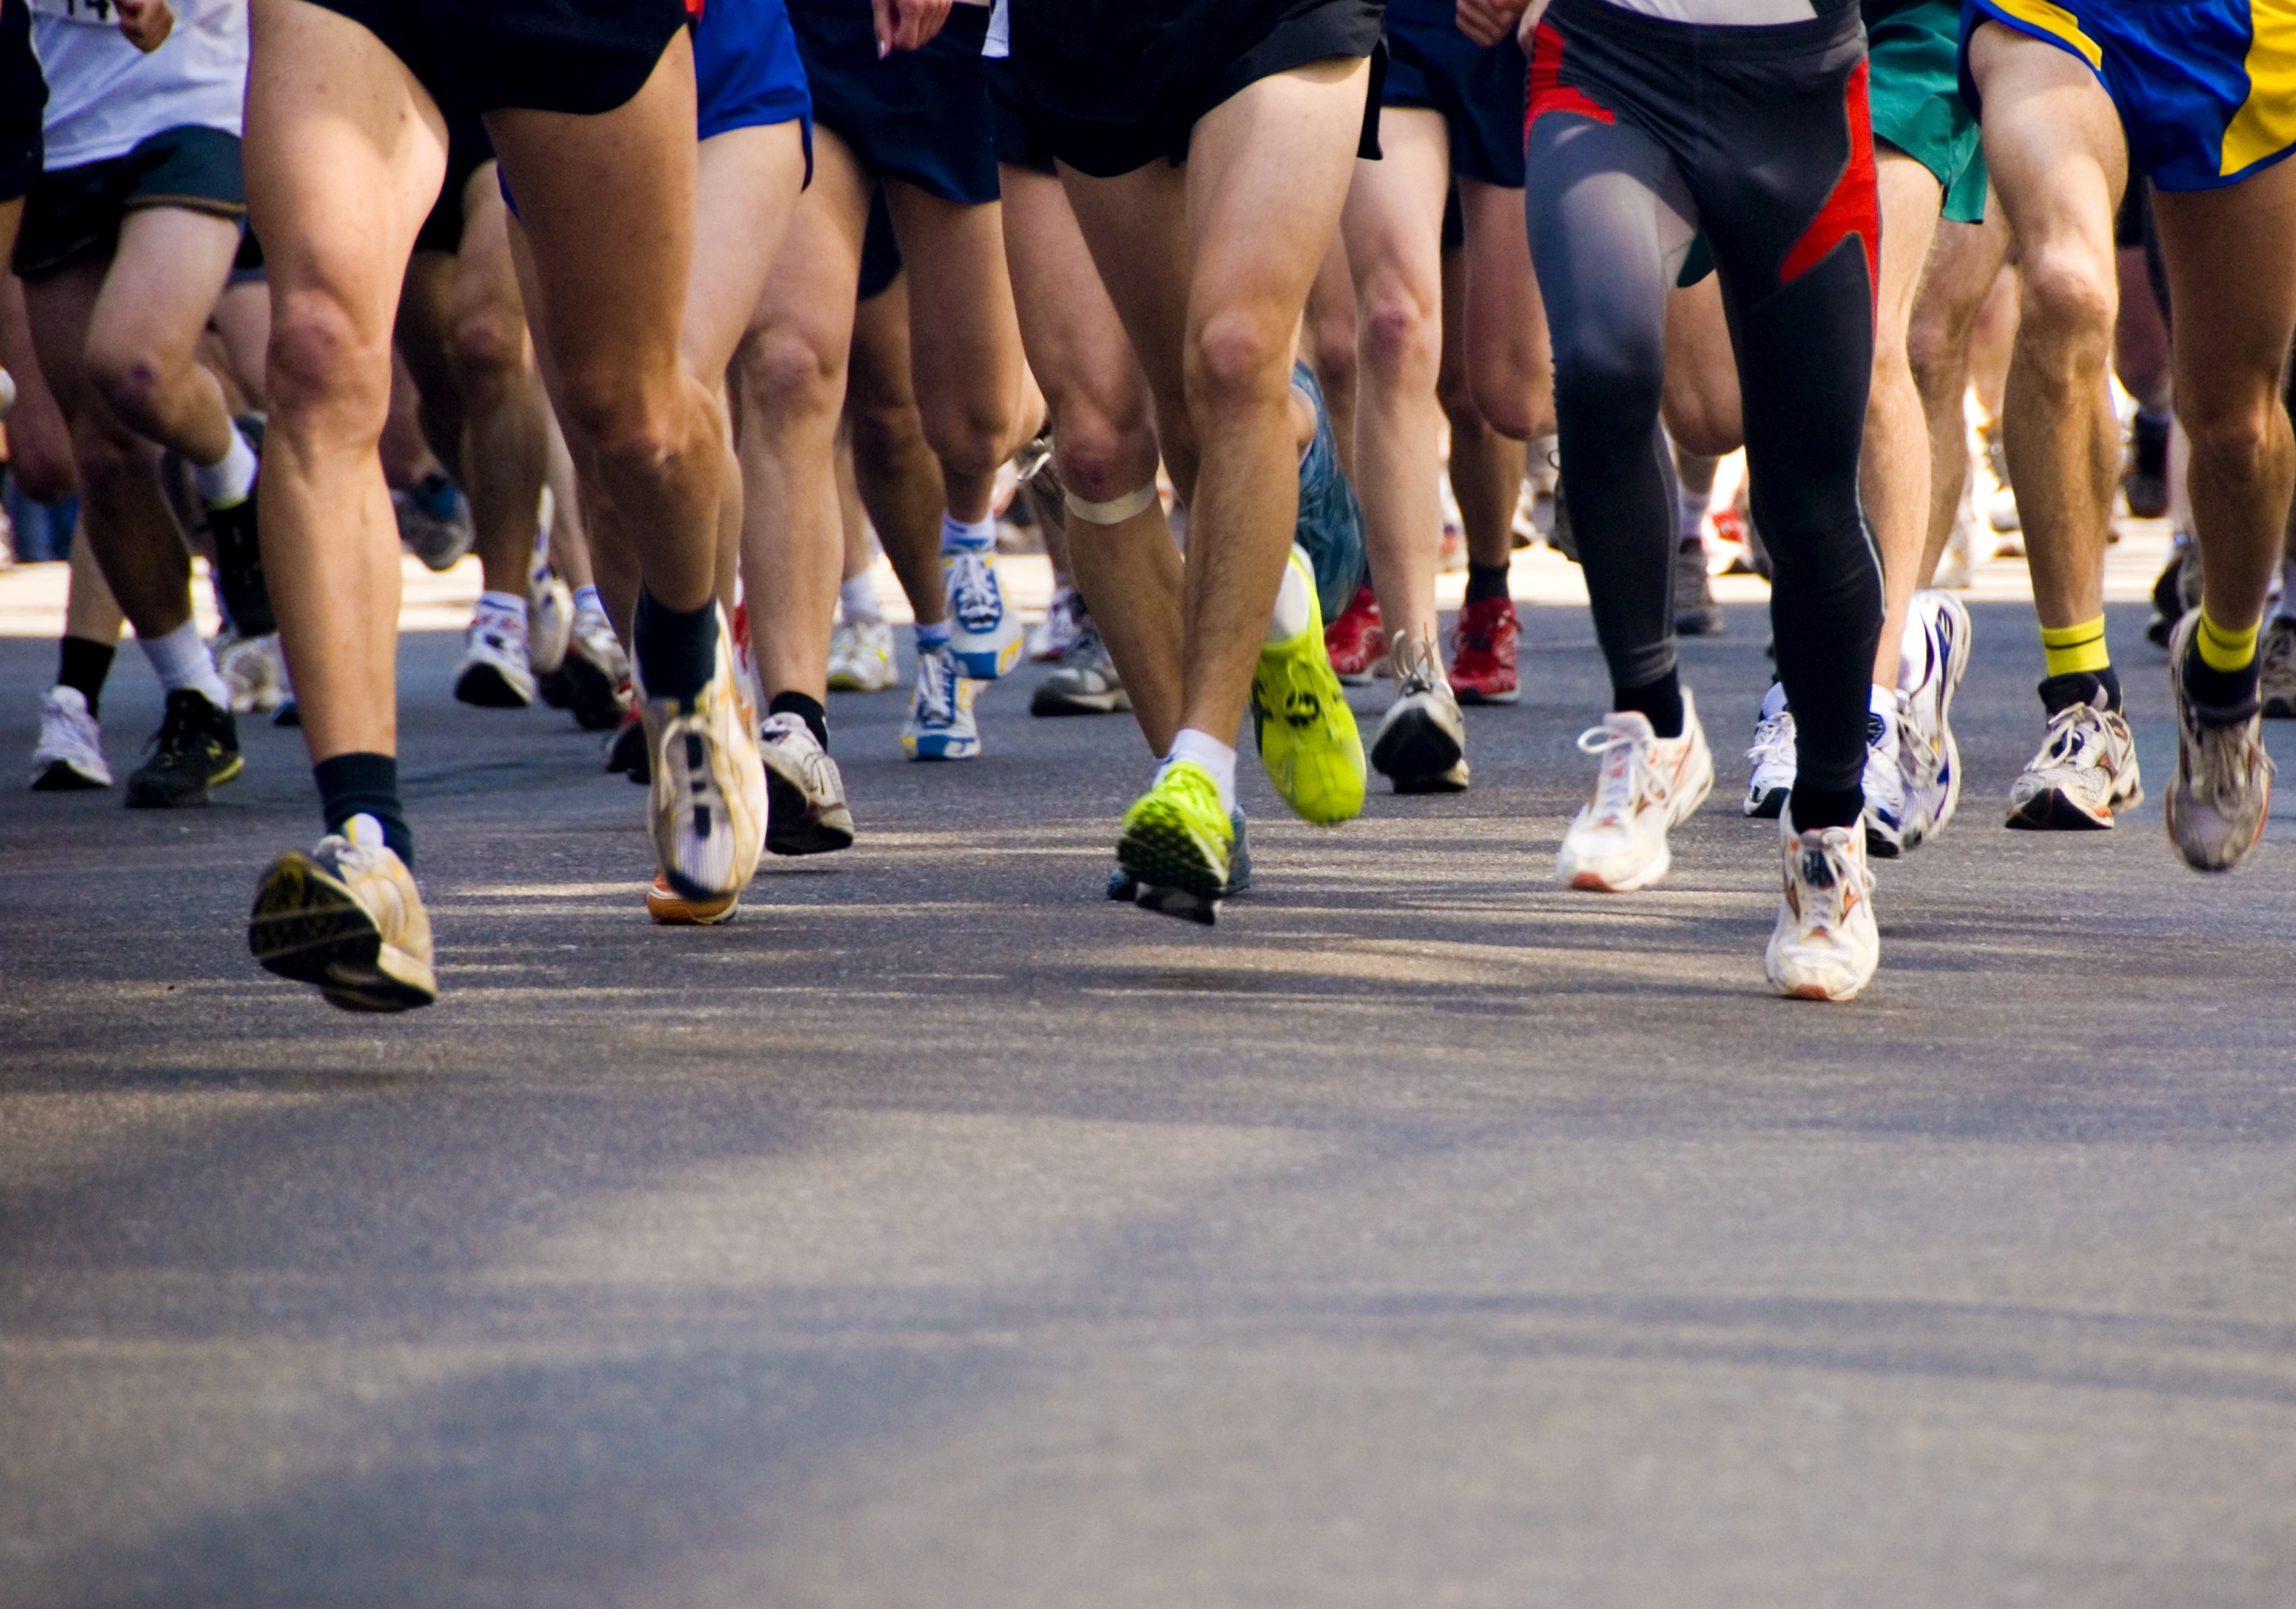 """La Dirección de Deportes de la Municipalidad de Berisso informó que este sábado 13 de octubre se llevará a cabo la tradicional """"Maratón del Inmigrante"""", en el marco de los festejos de la 41ª edición de la Fiesta Provincial del Inmigrante."""